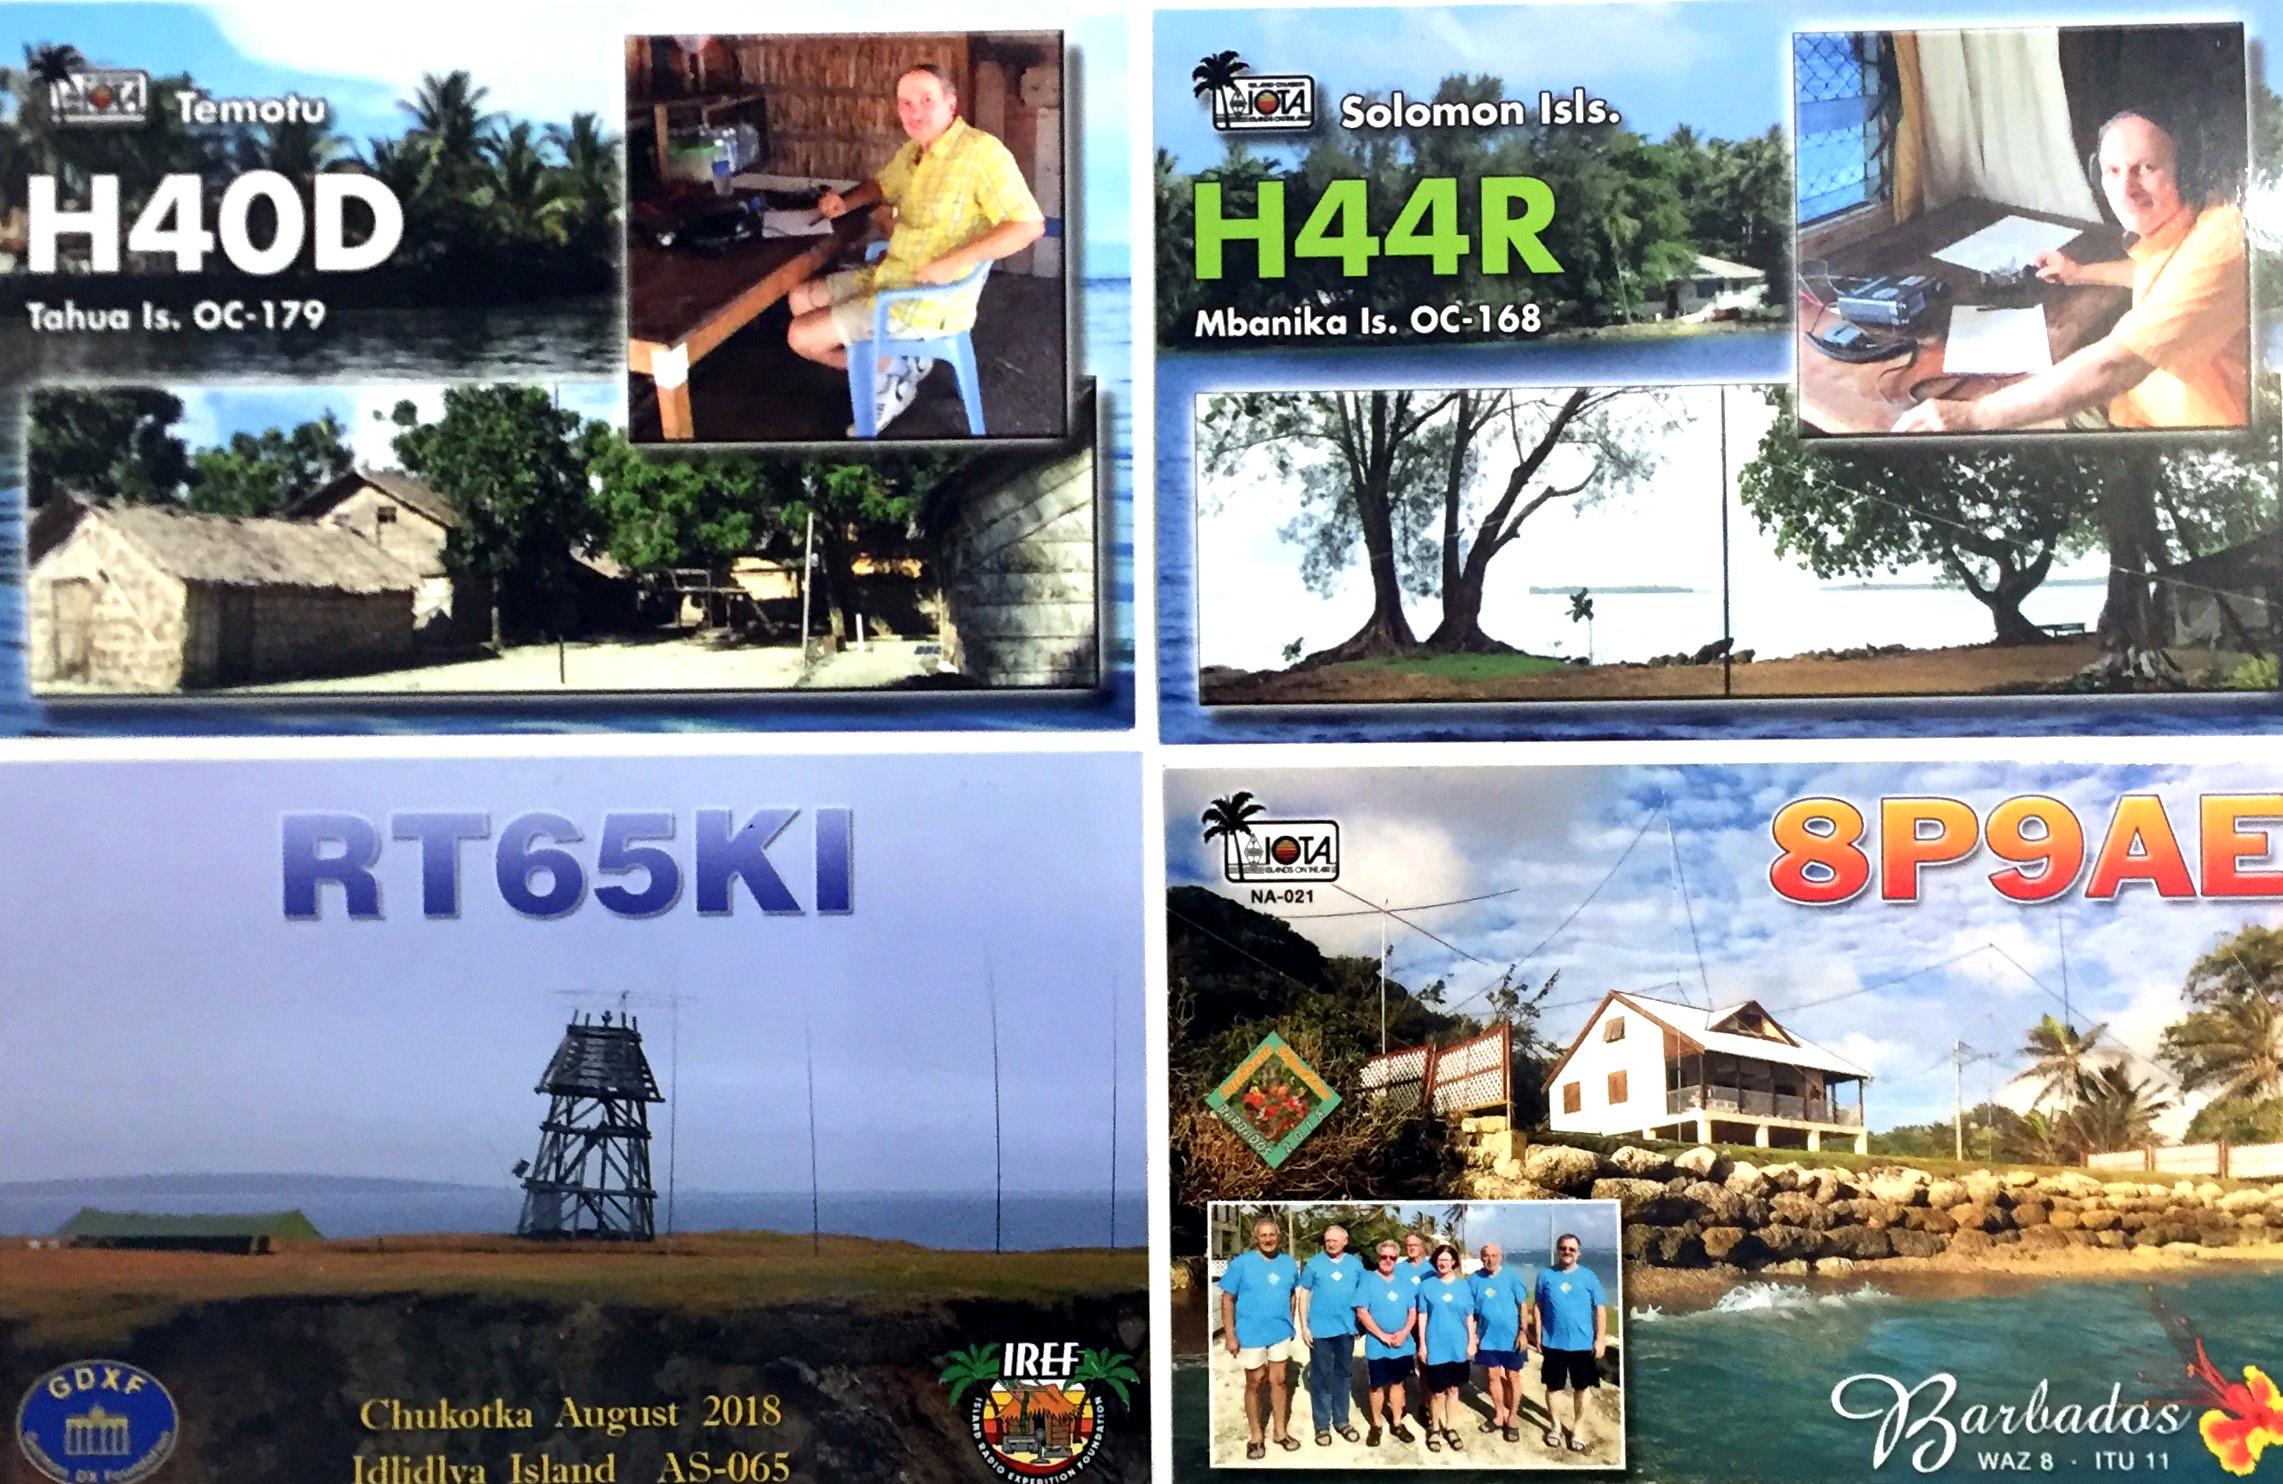 Нажмите на изображение для увеличения.  Название:IMG_2556.JPG Просмотров:9 Размер:941.2 Кб ID:230371